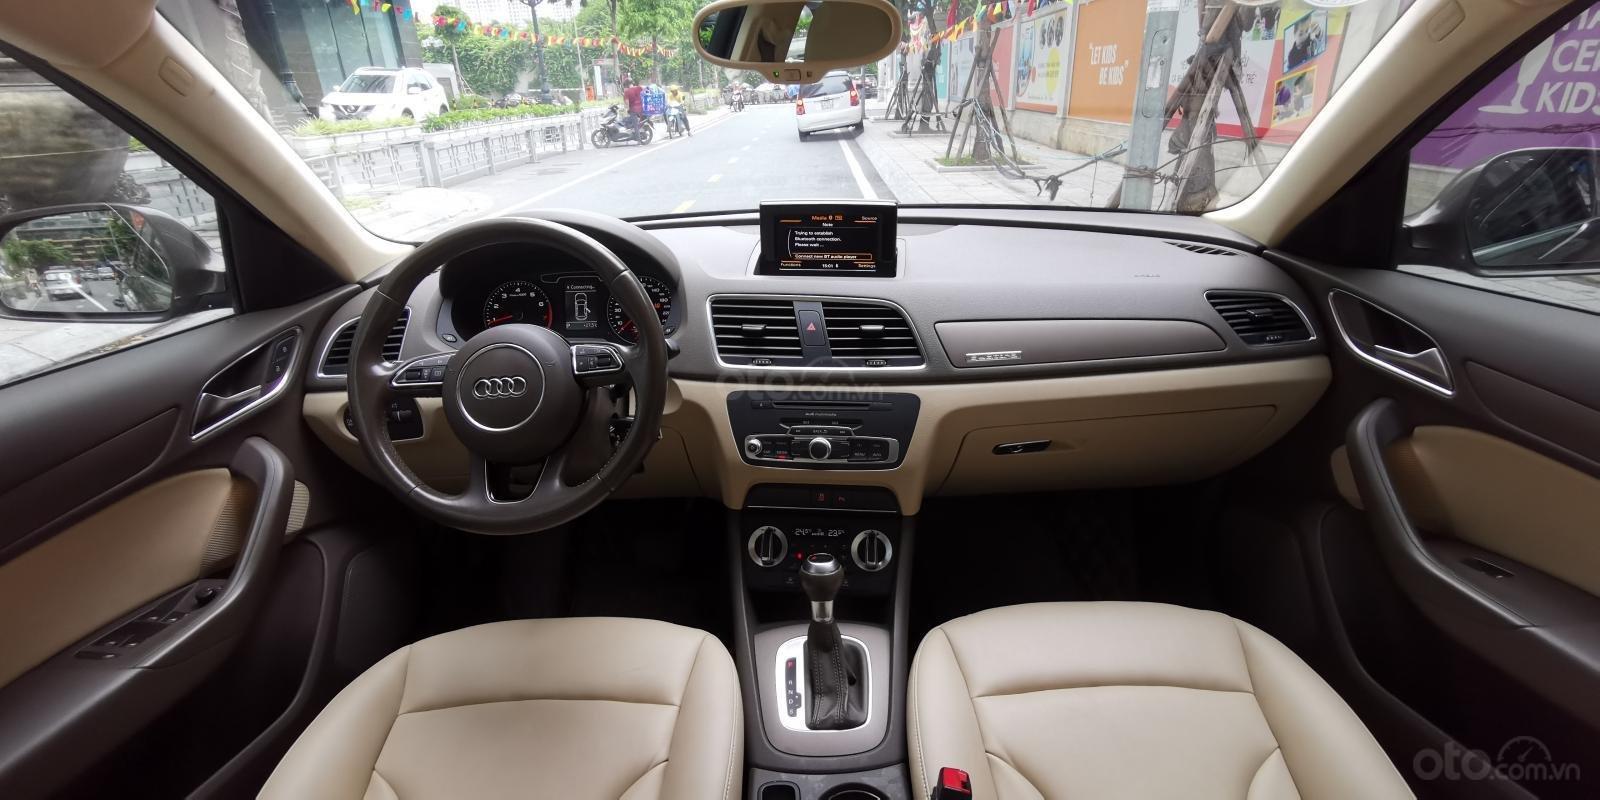 Cần bán Audi Q3 sản xuất 2015 nhập khẩu (15)